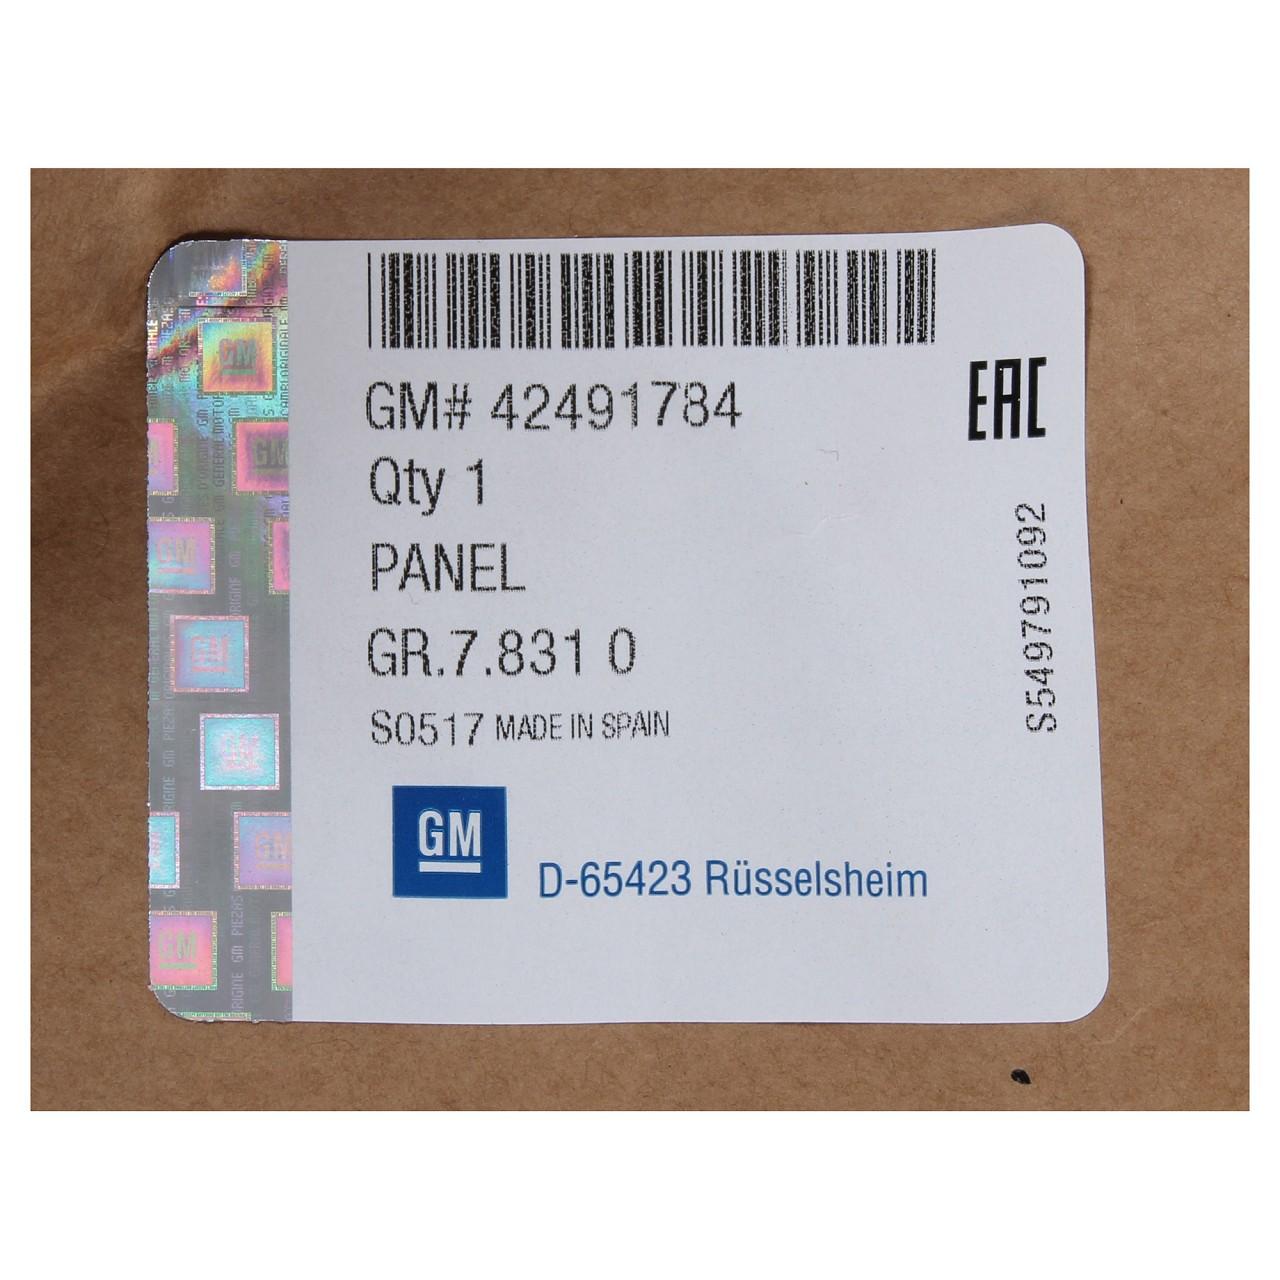 ORIGINAL GM Opel Stoßstange Stoßfänger MOKKA / MOKKA X vorne unten 42491784